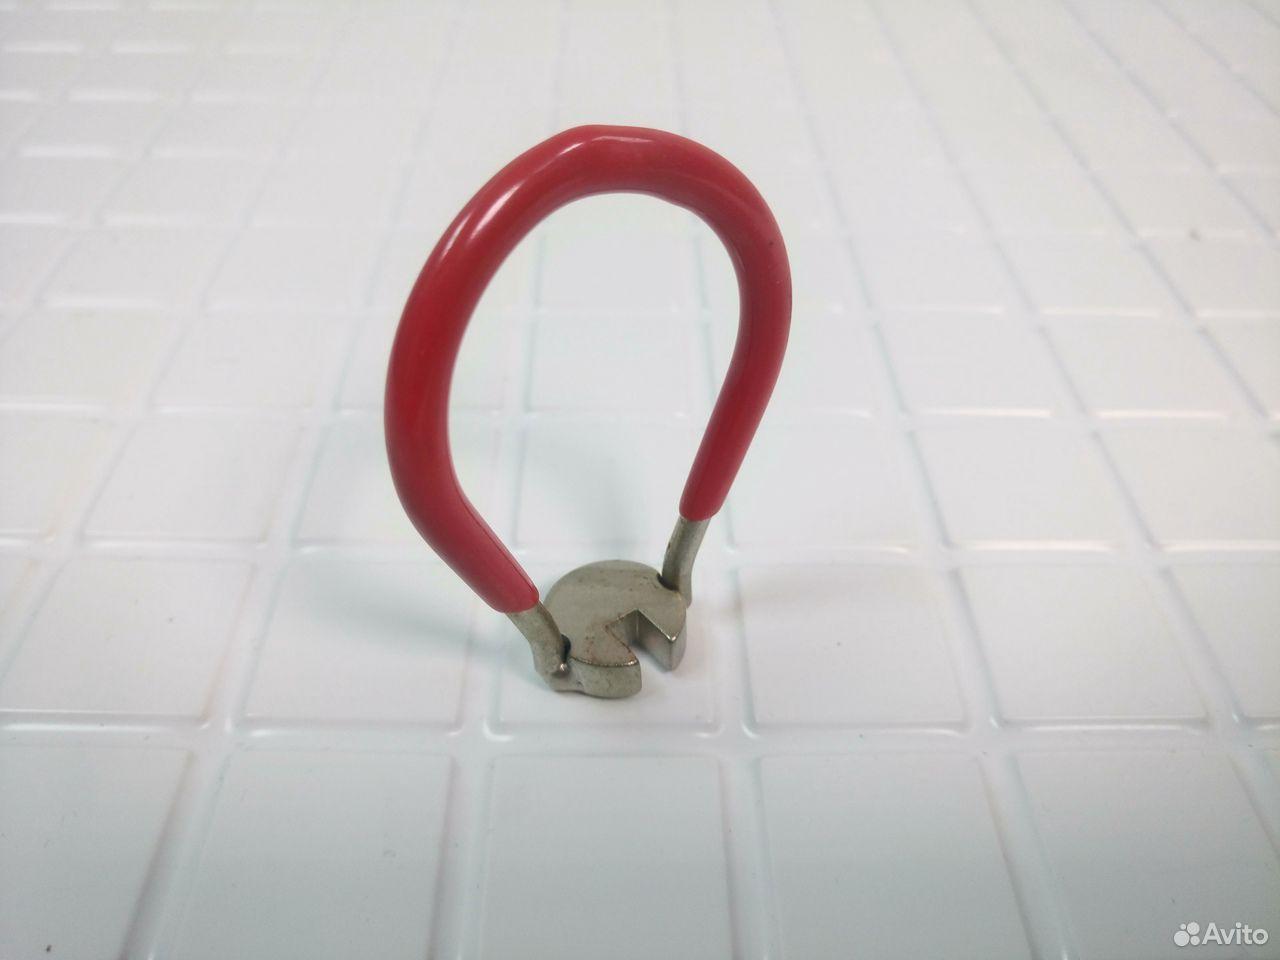 Ключ спицевой Kenli KL-9726E 14G